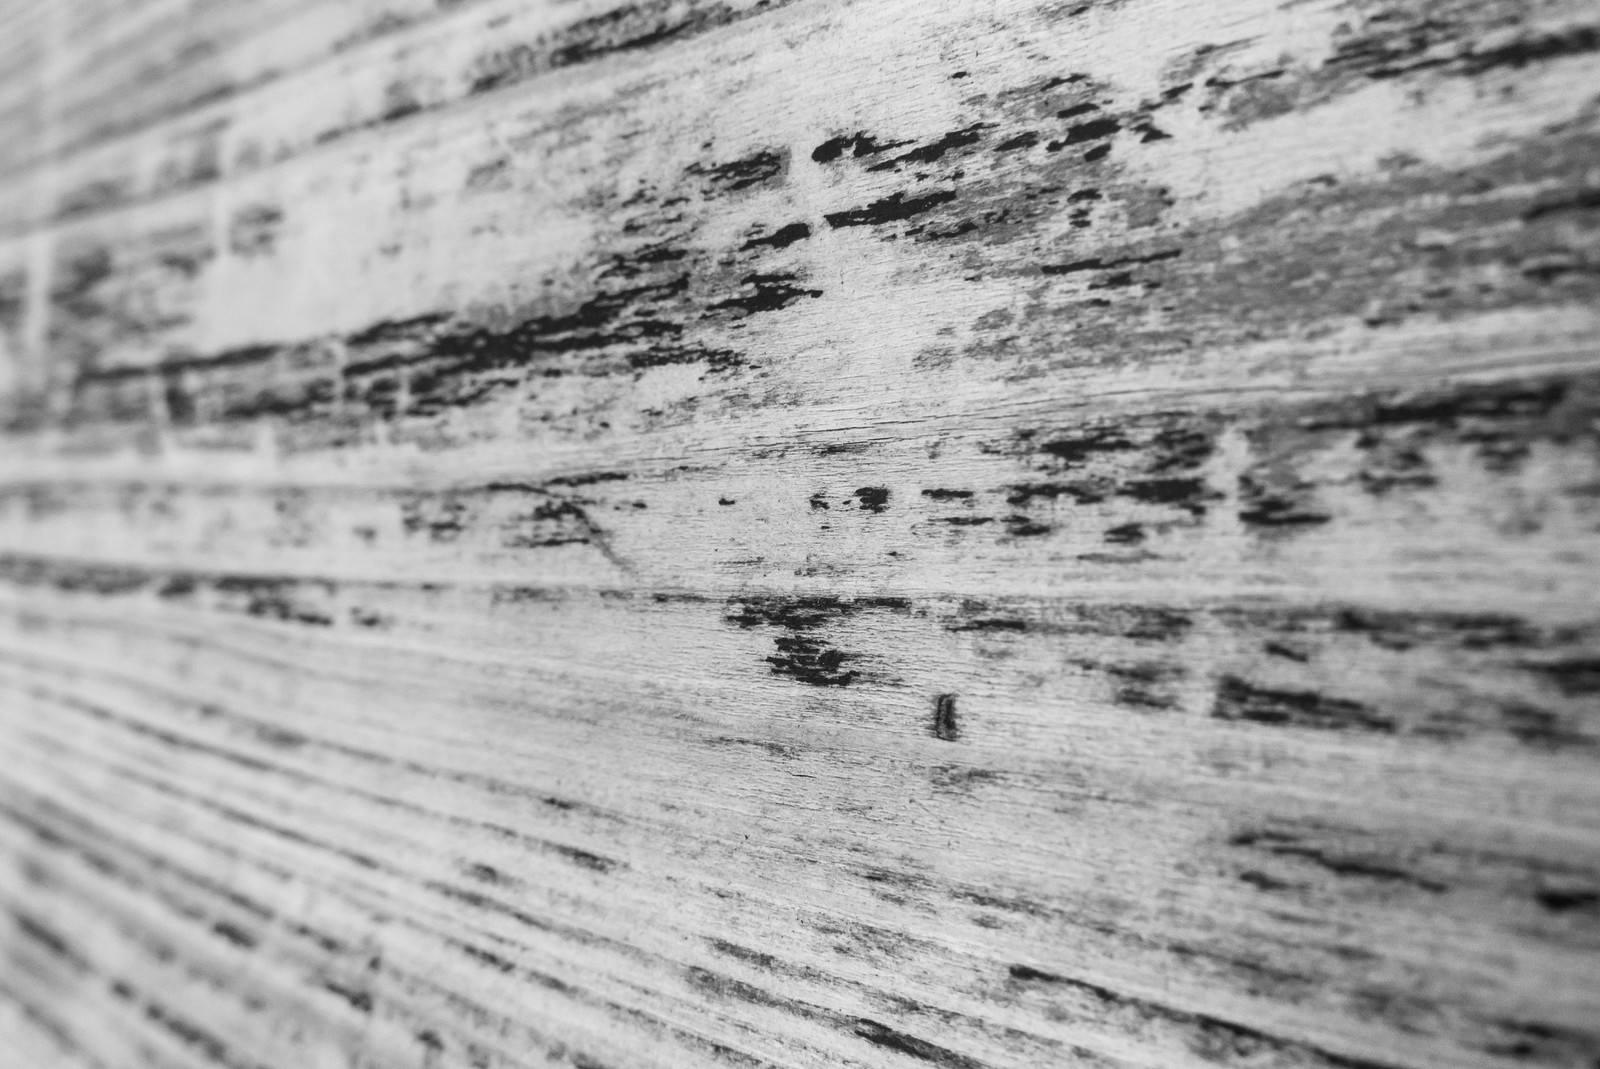 「擦れた木の壁(モノクロ)擦れた木の壁(モノクロ)」のフリー写真素材を拡大